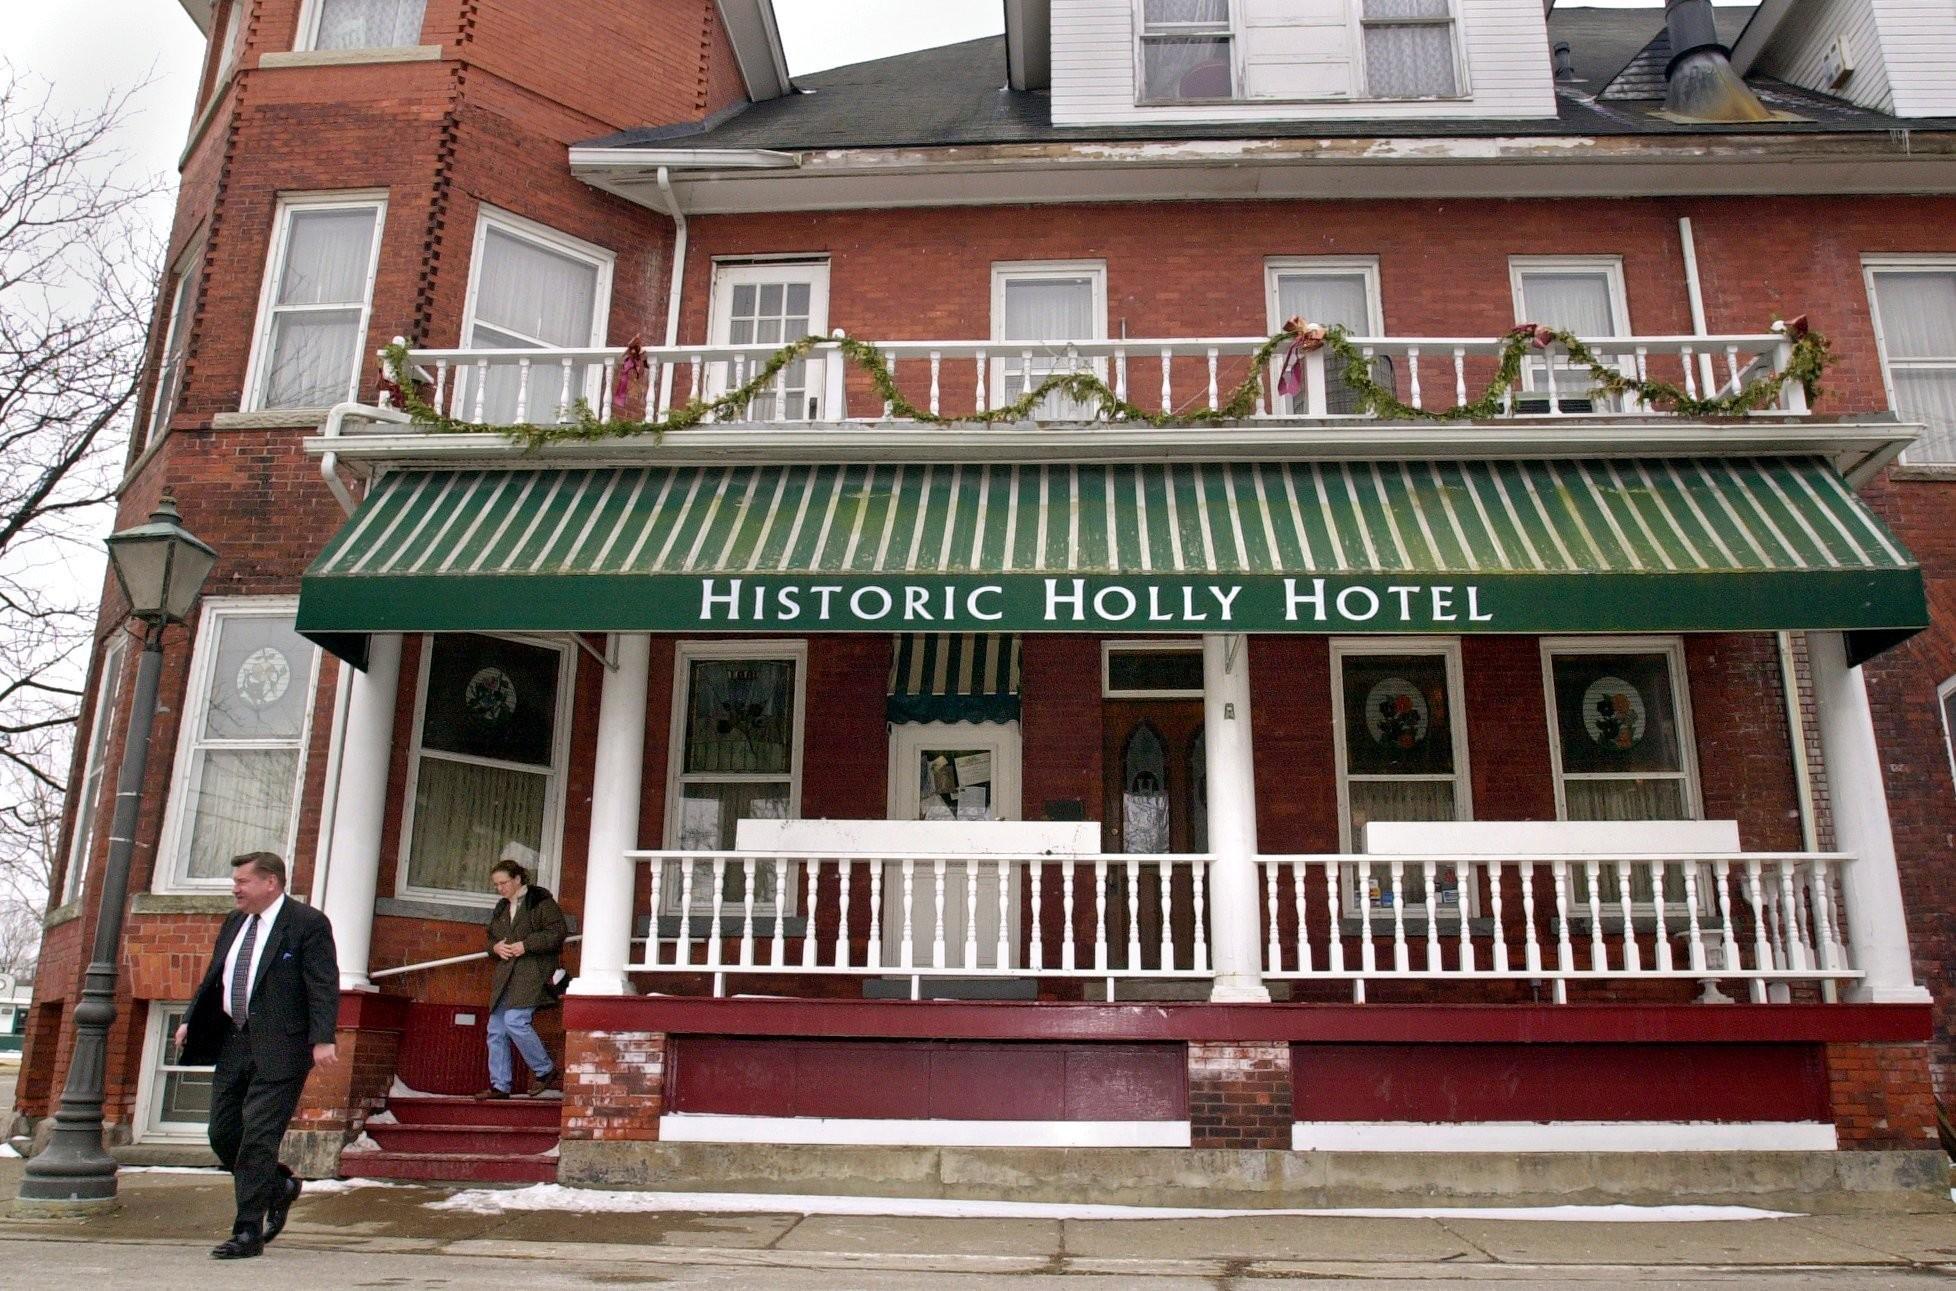 HollyHotel